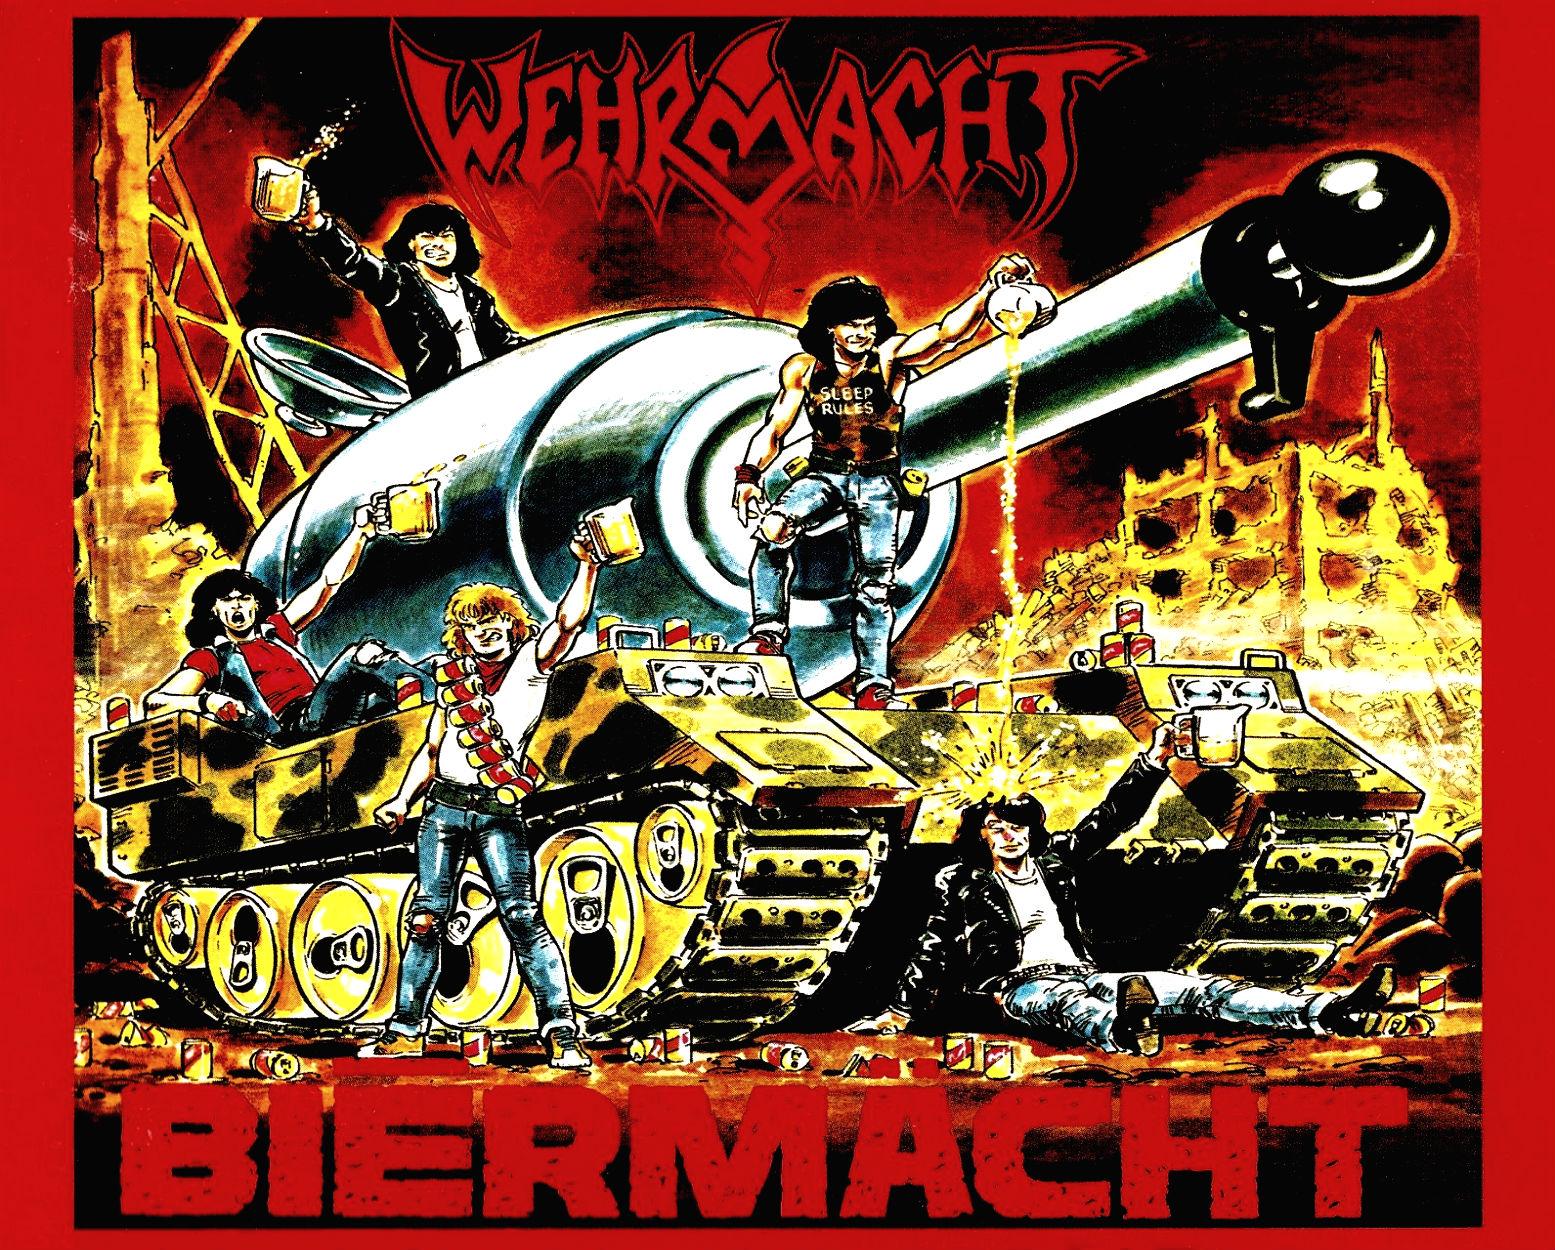 wehrmacht thrash metal heavy wallpaper 1555x1250